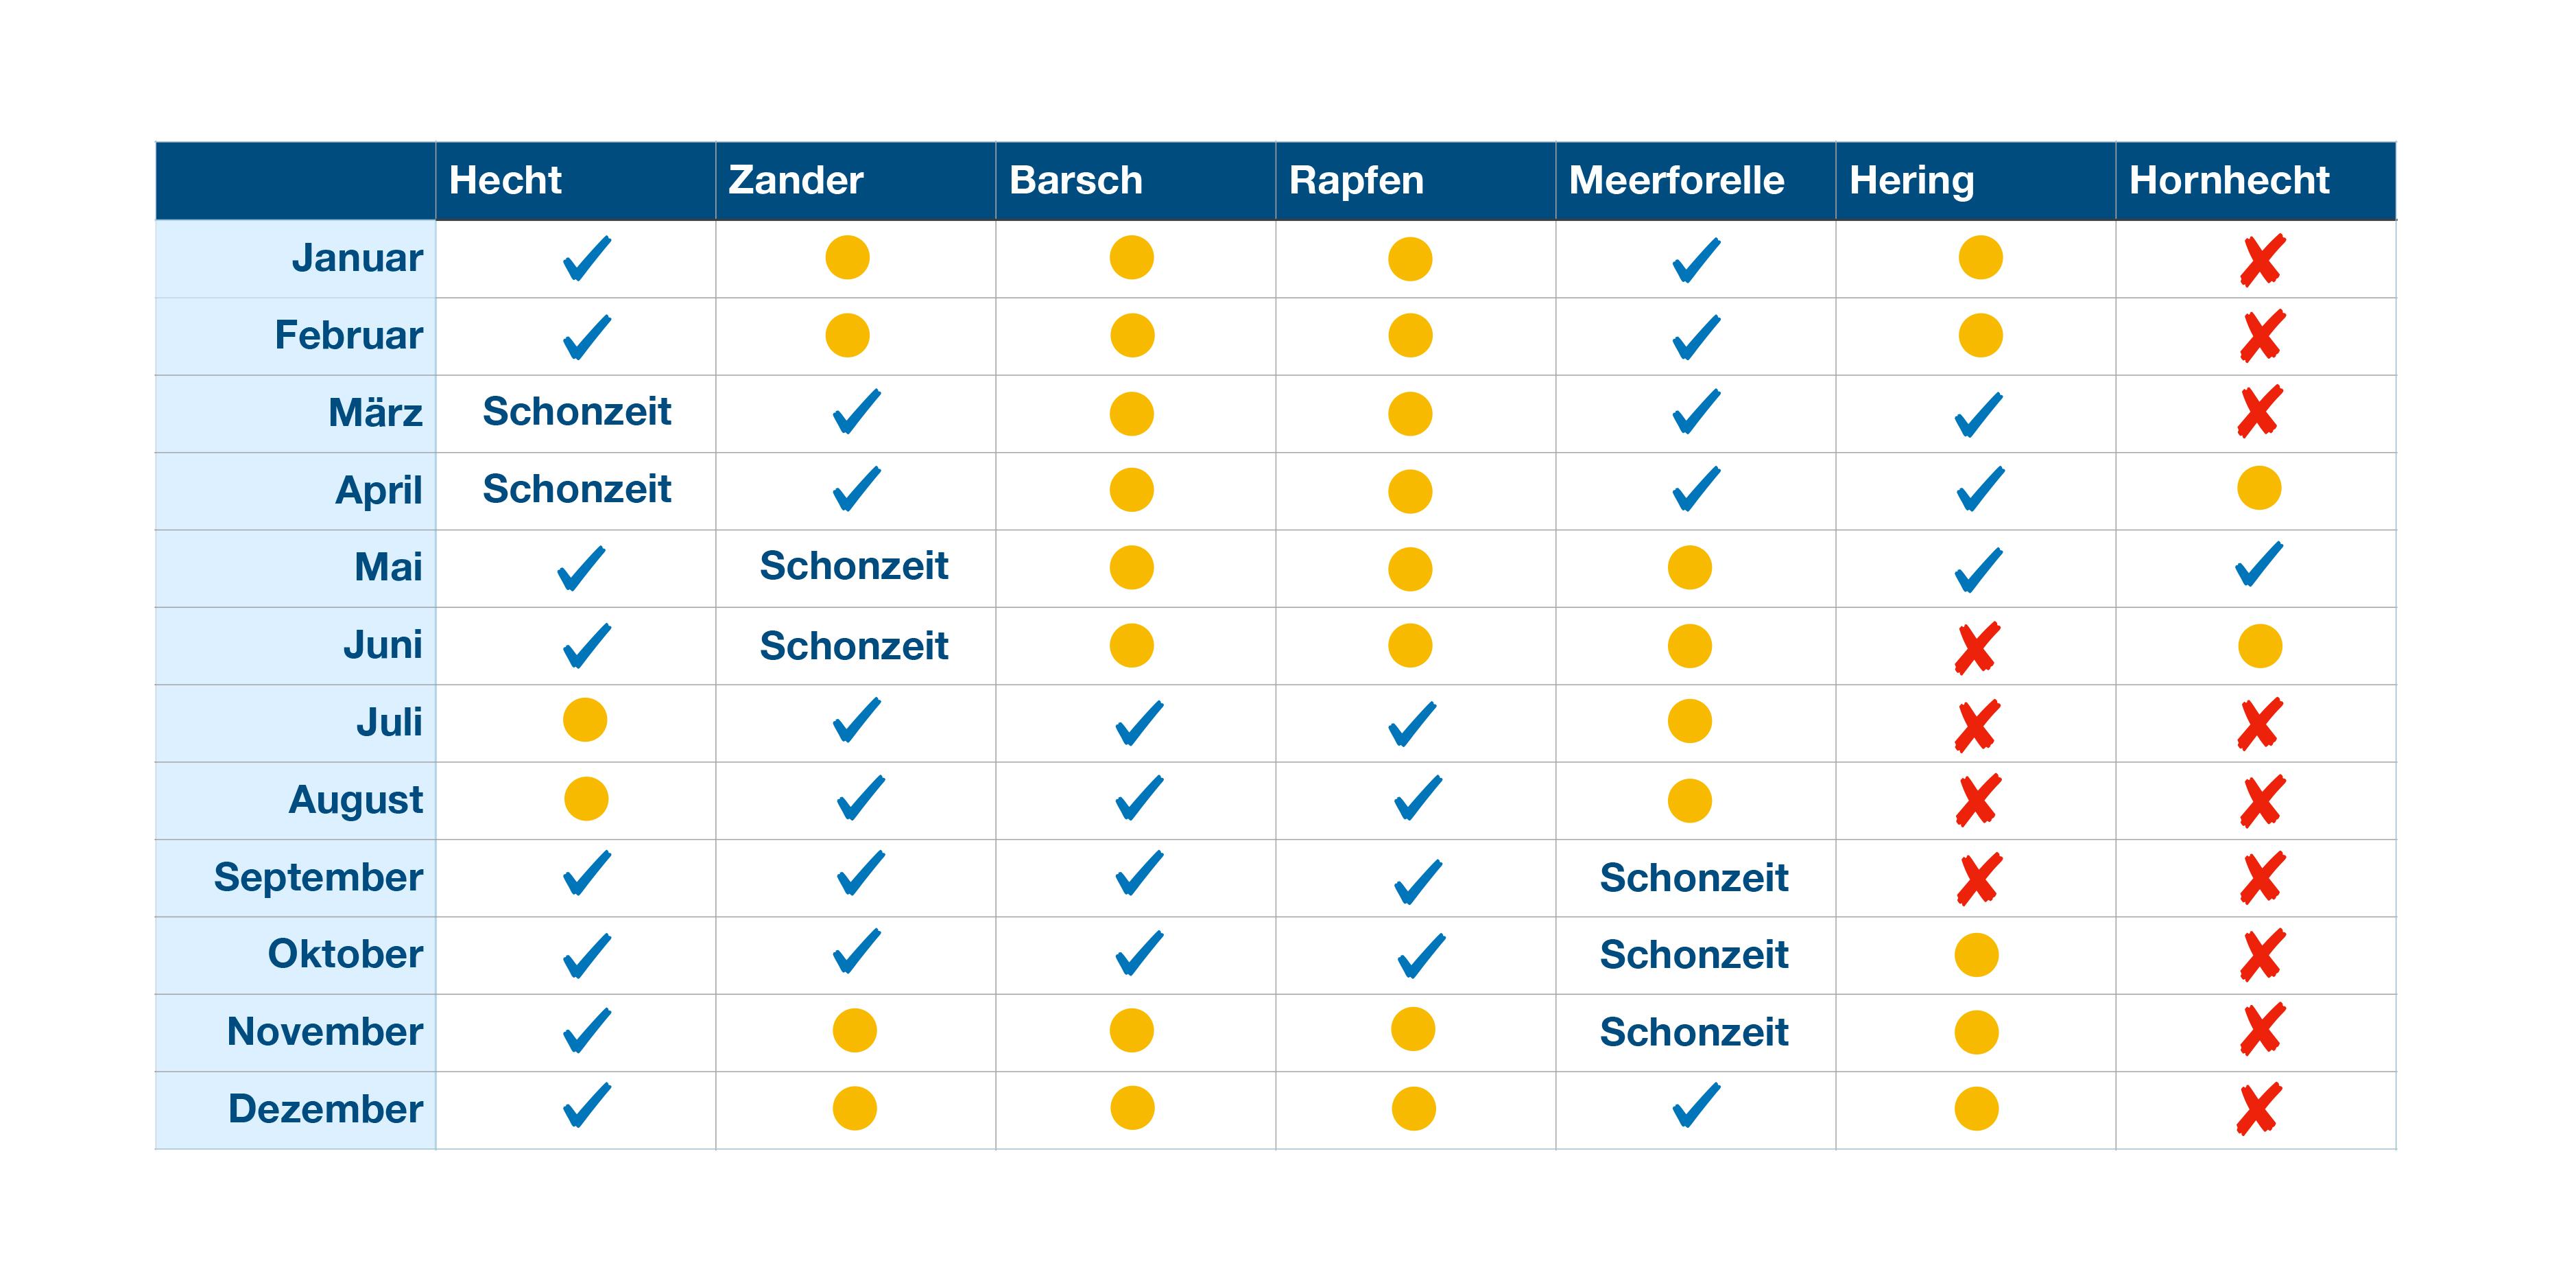 Tabelle Saisonzeiten